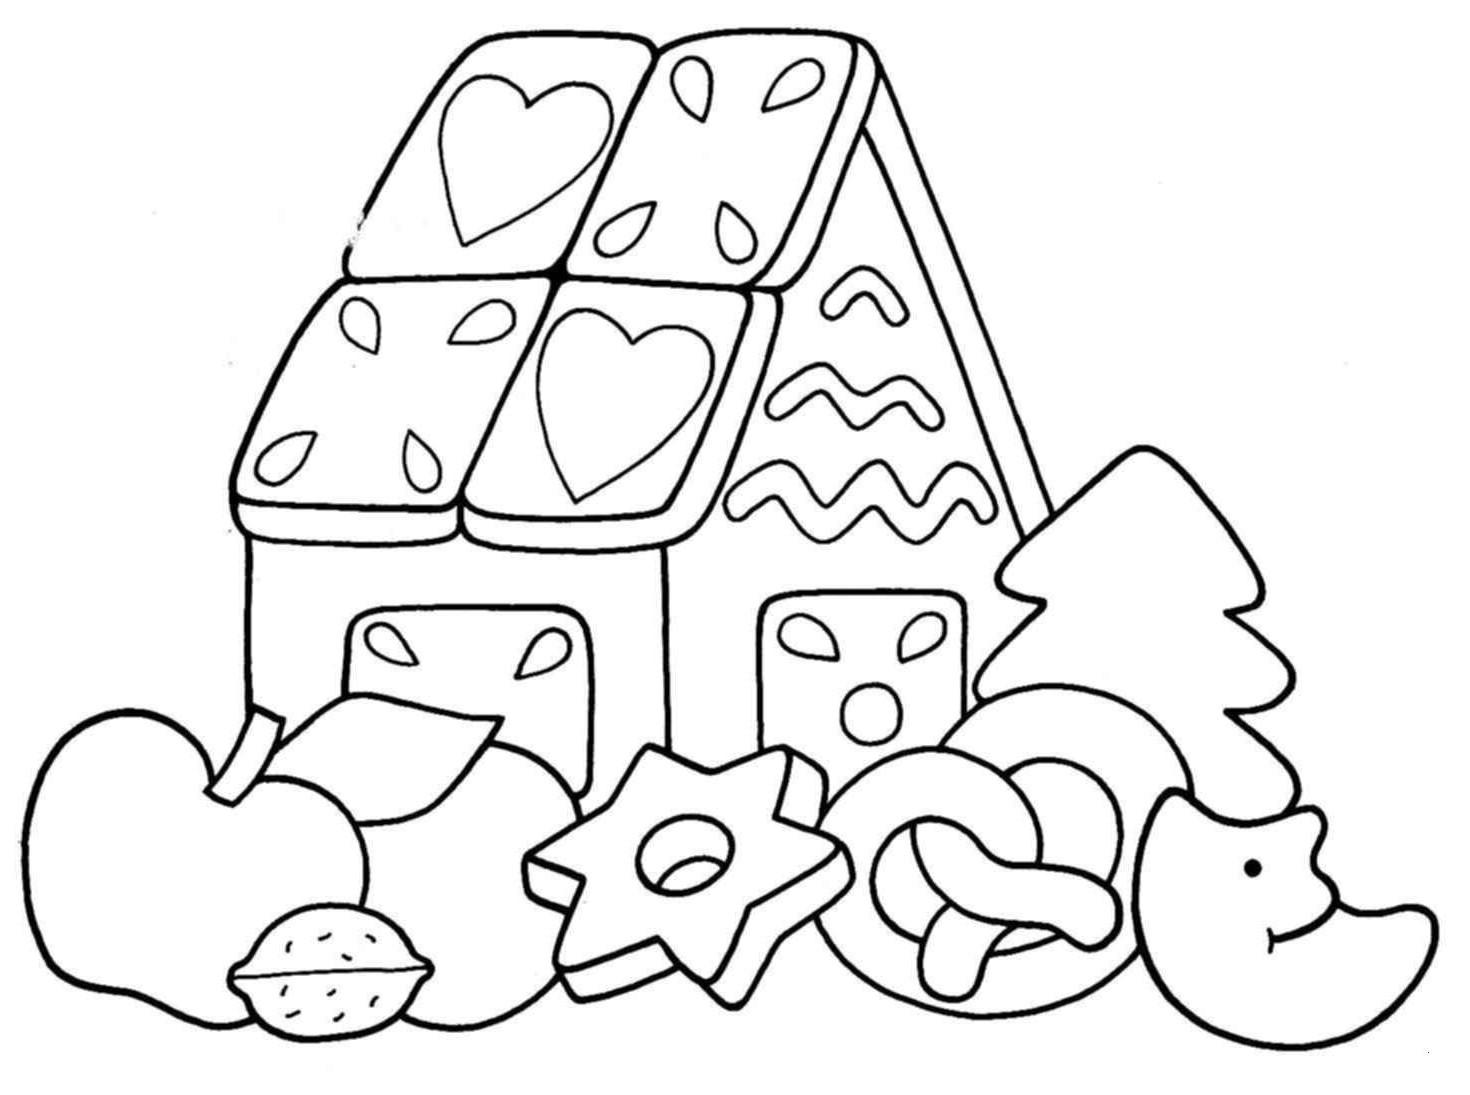 Bilder Zum Ausmalen Minions Frisch 30 Fantastisch Muscheln Zum Ausmalen – Malvorlagen Ideen Stock